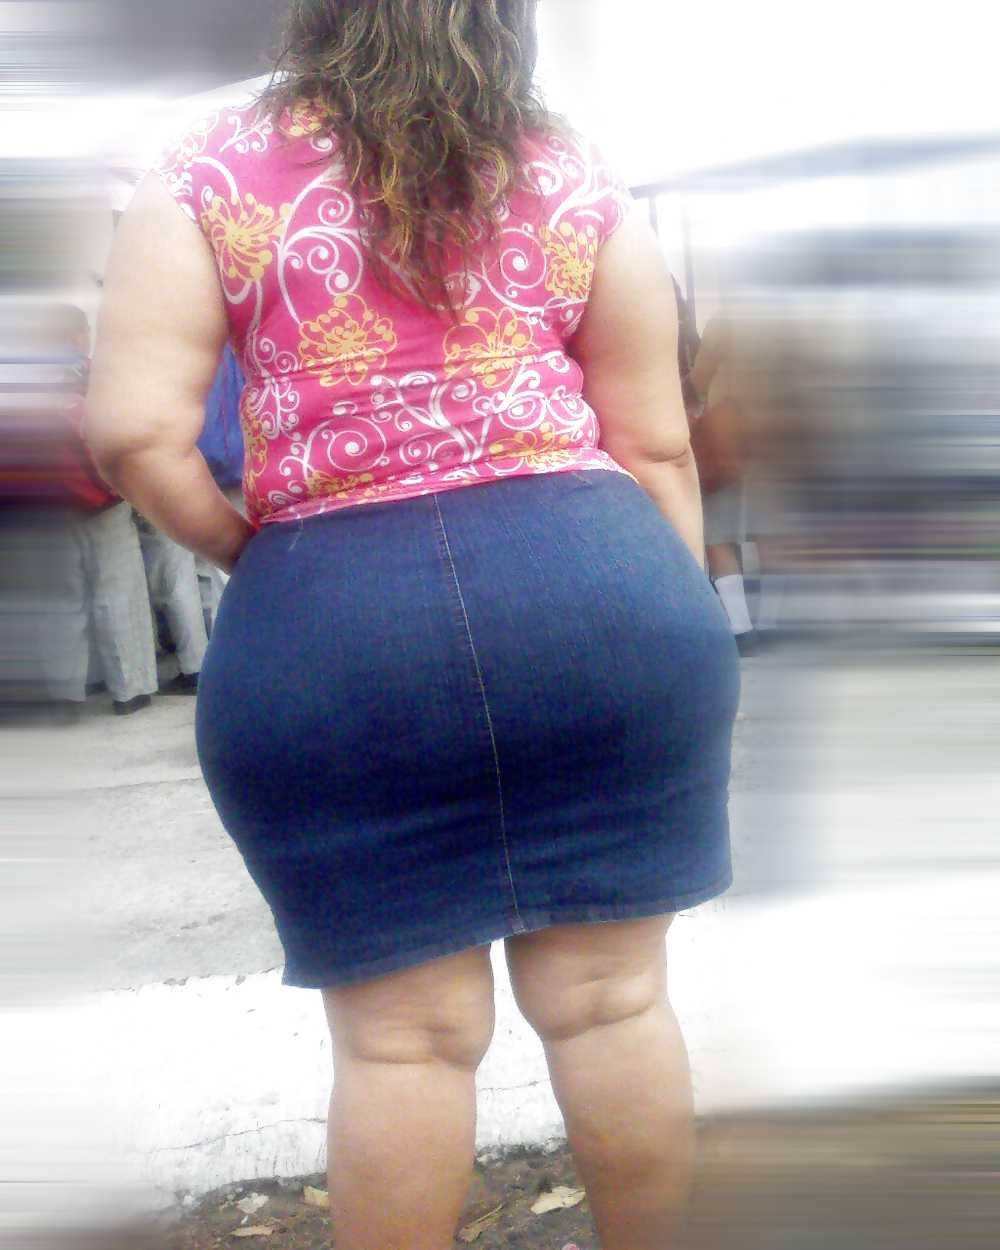 prostitutas lesbianas culo gordo